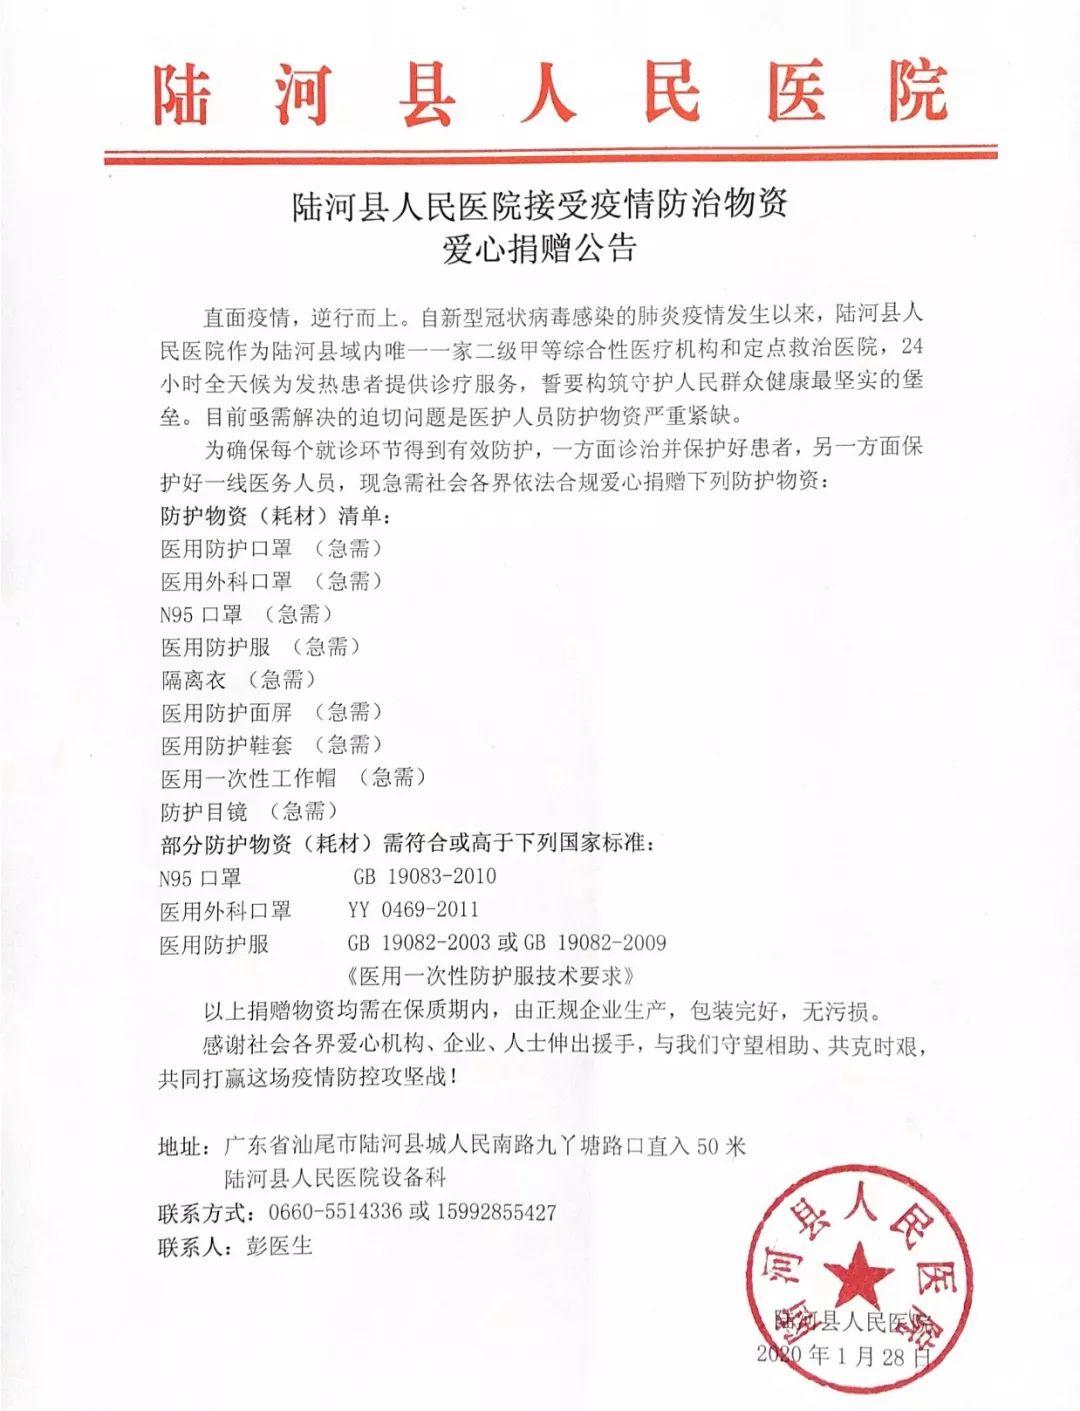 陆河县人民医院接受疫情防治物资爱心捐赠公告 陆河新闻